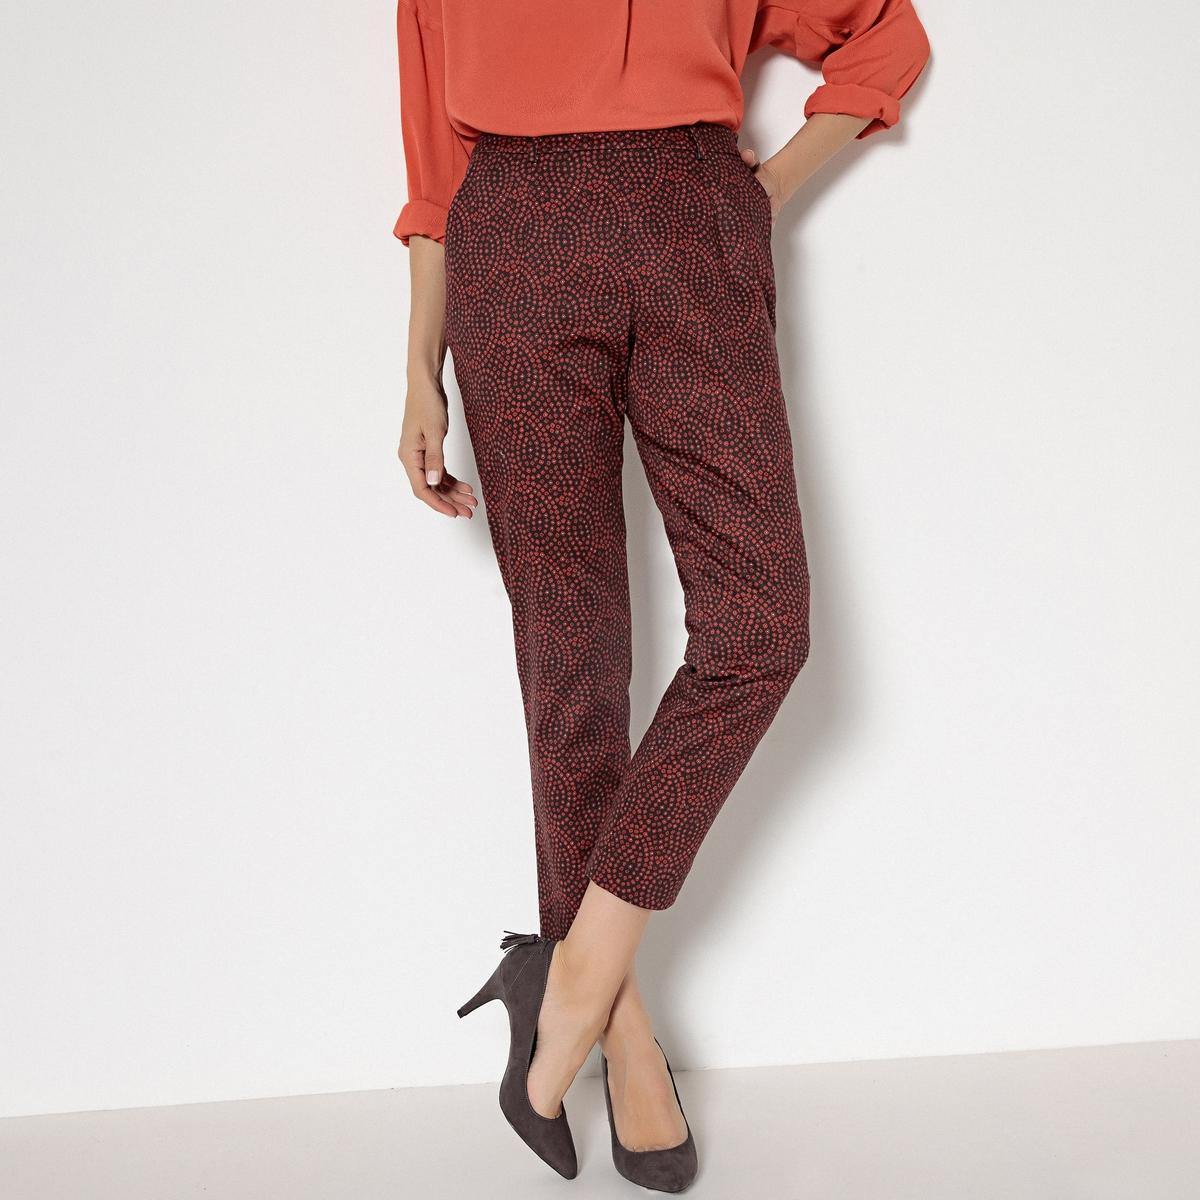 Imagen principal de producto de Pantalón tobillero de satén de algodón stretch - Anne weyburn